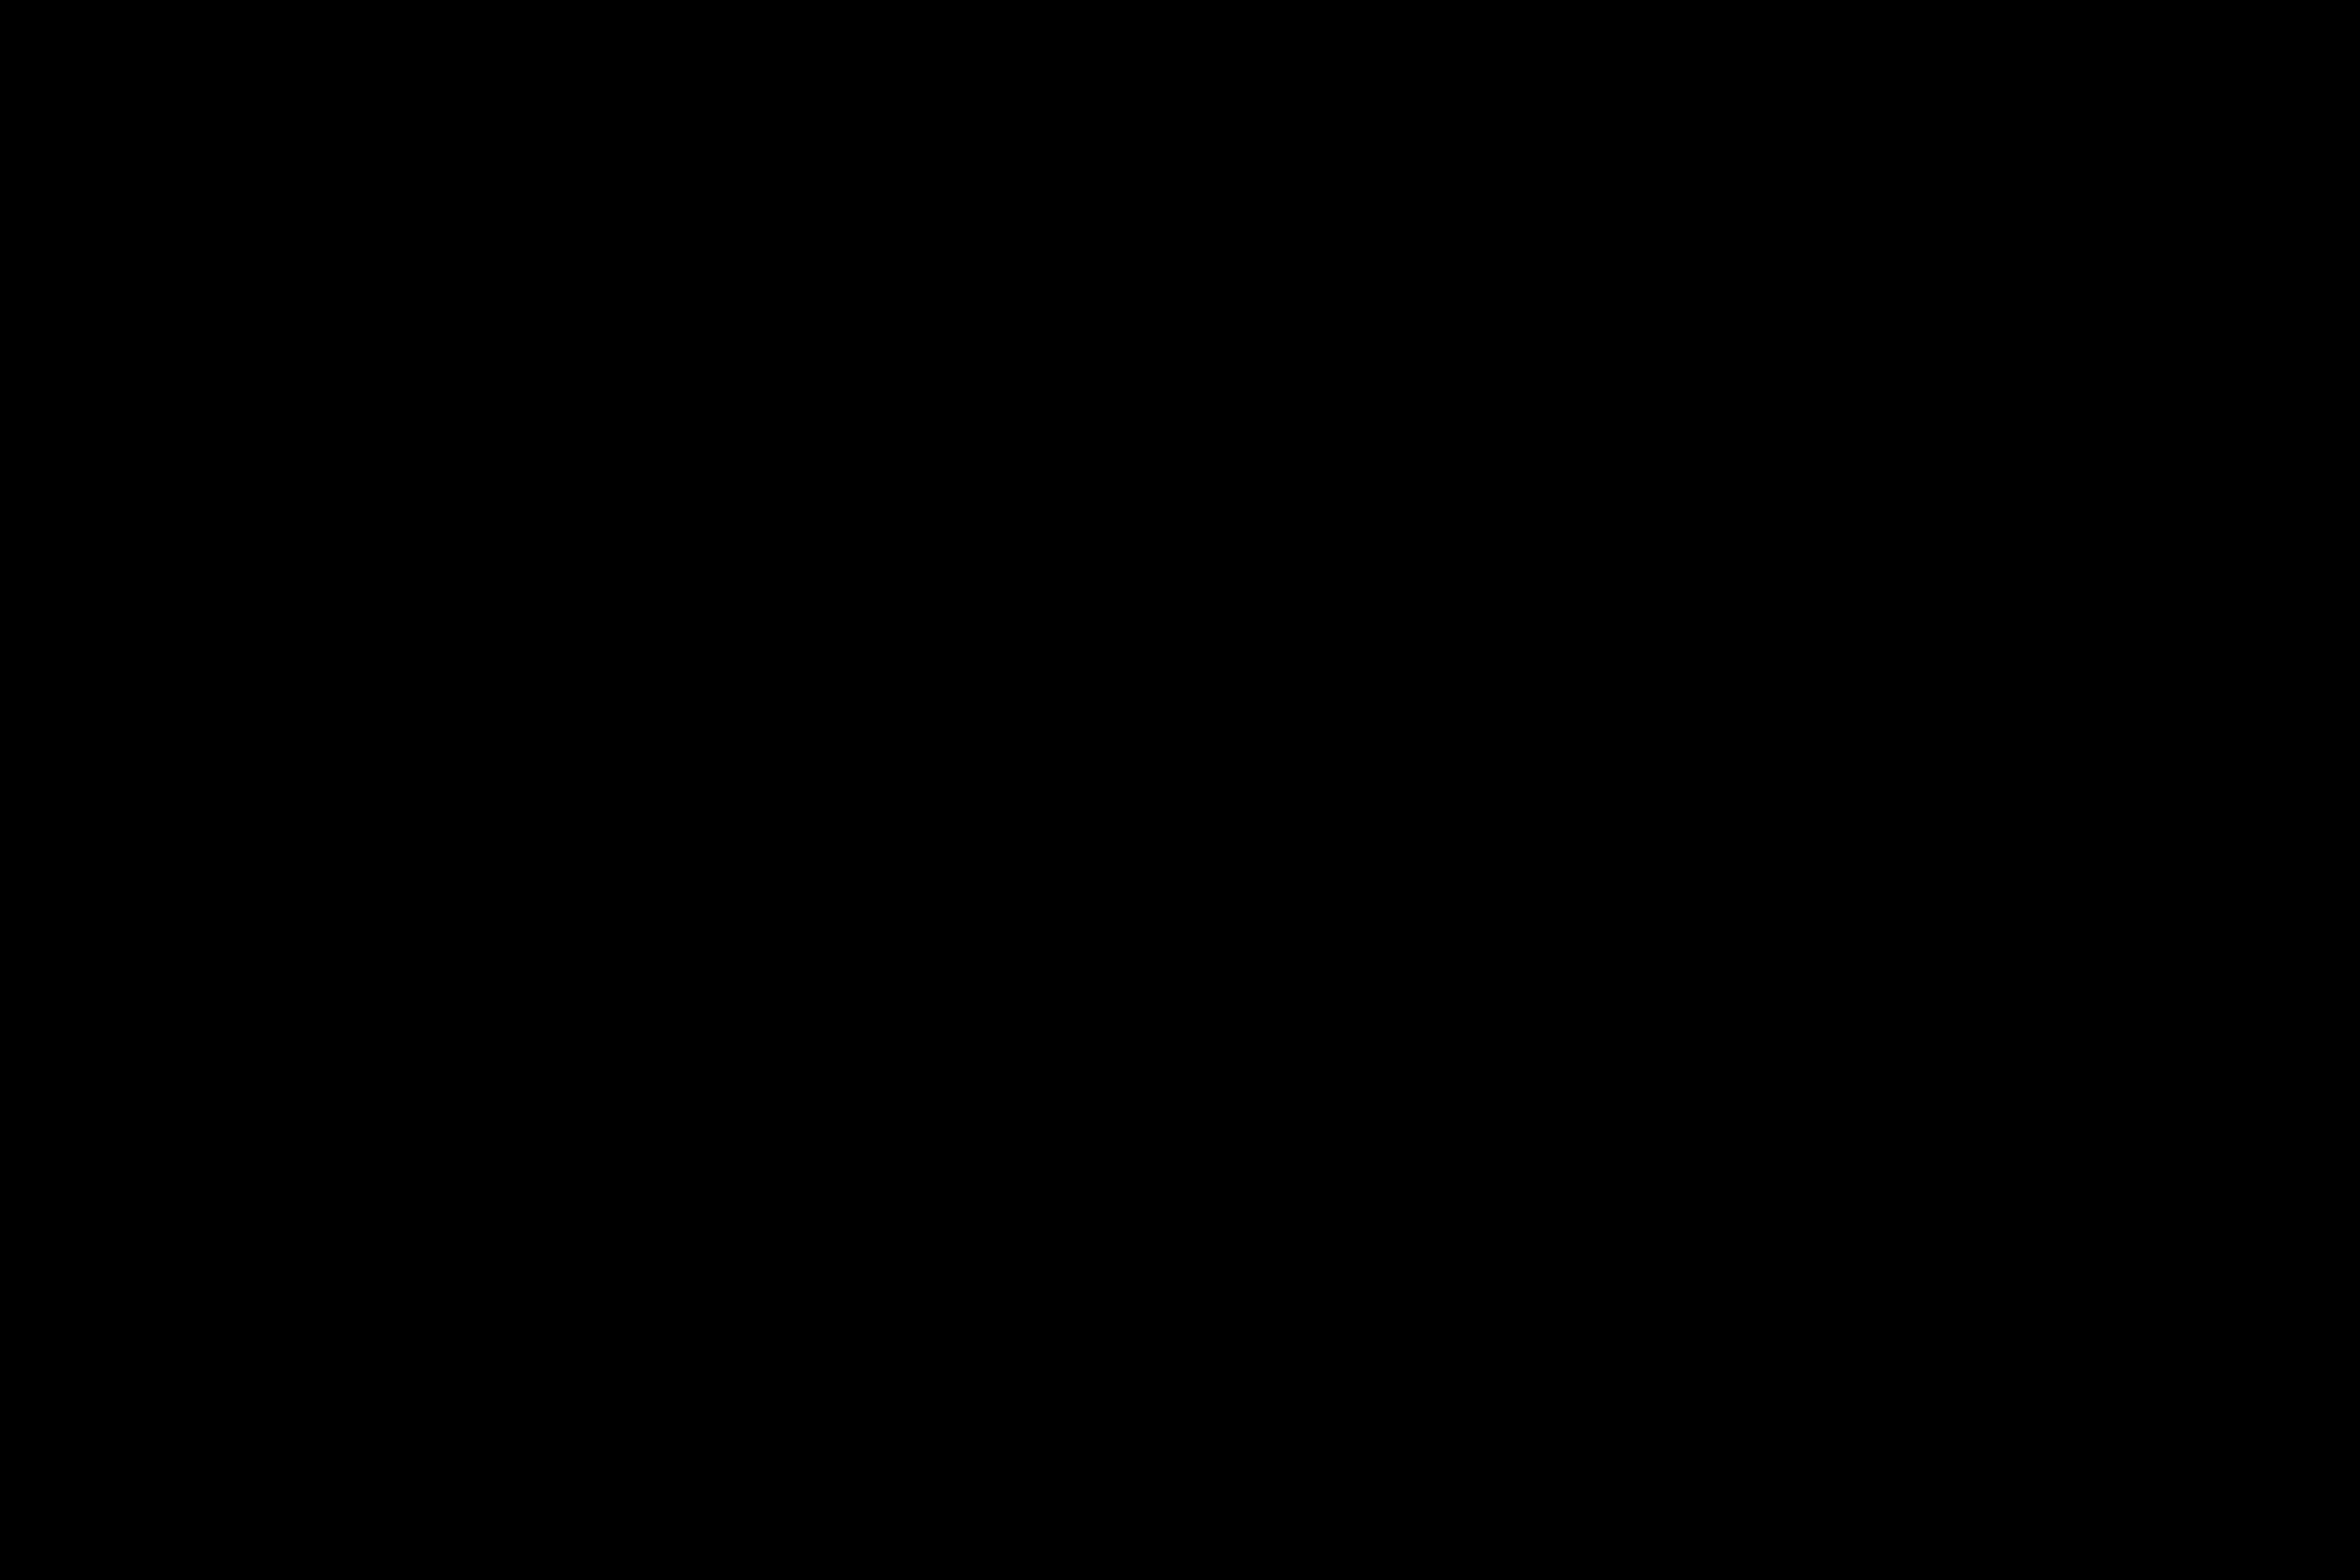 97403d37-f6da-4a8b-af01-a0f966e344e9